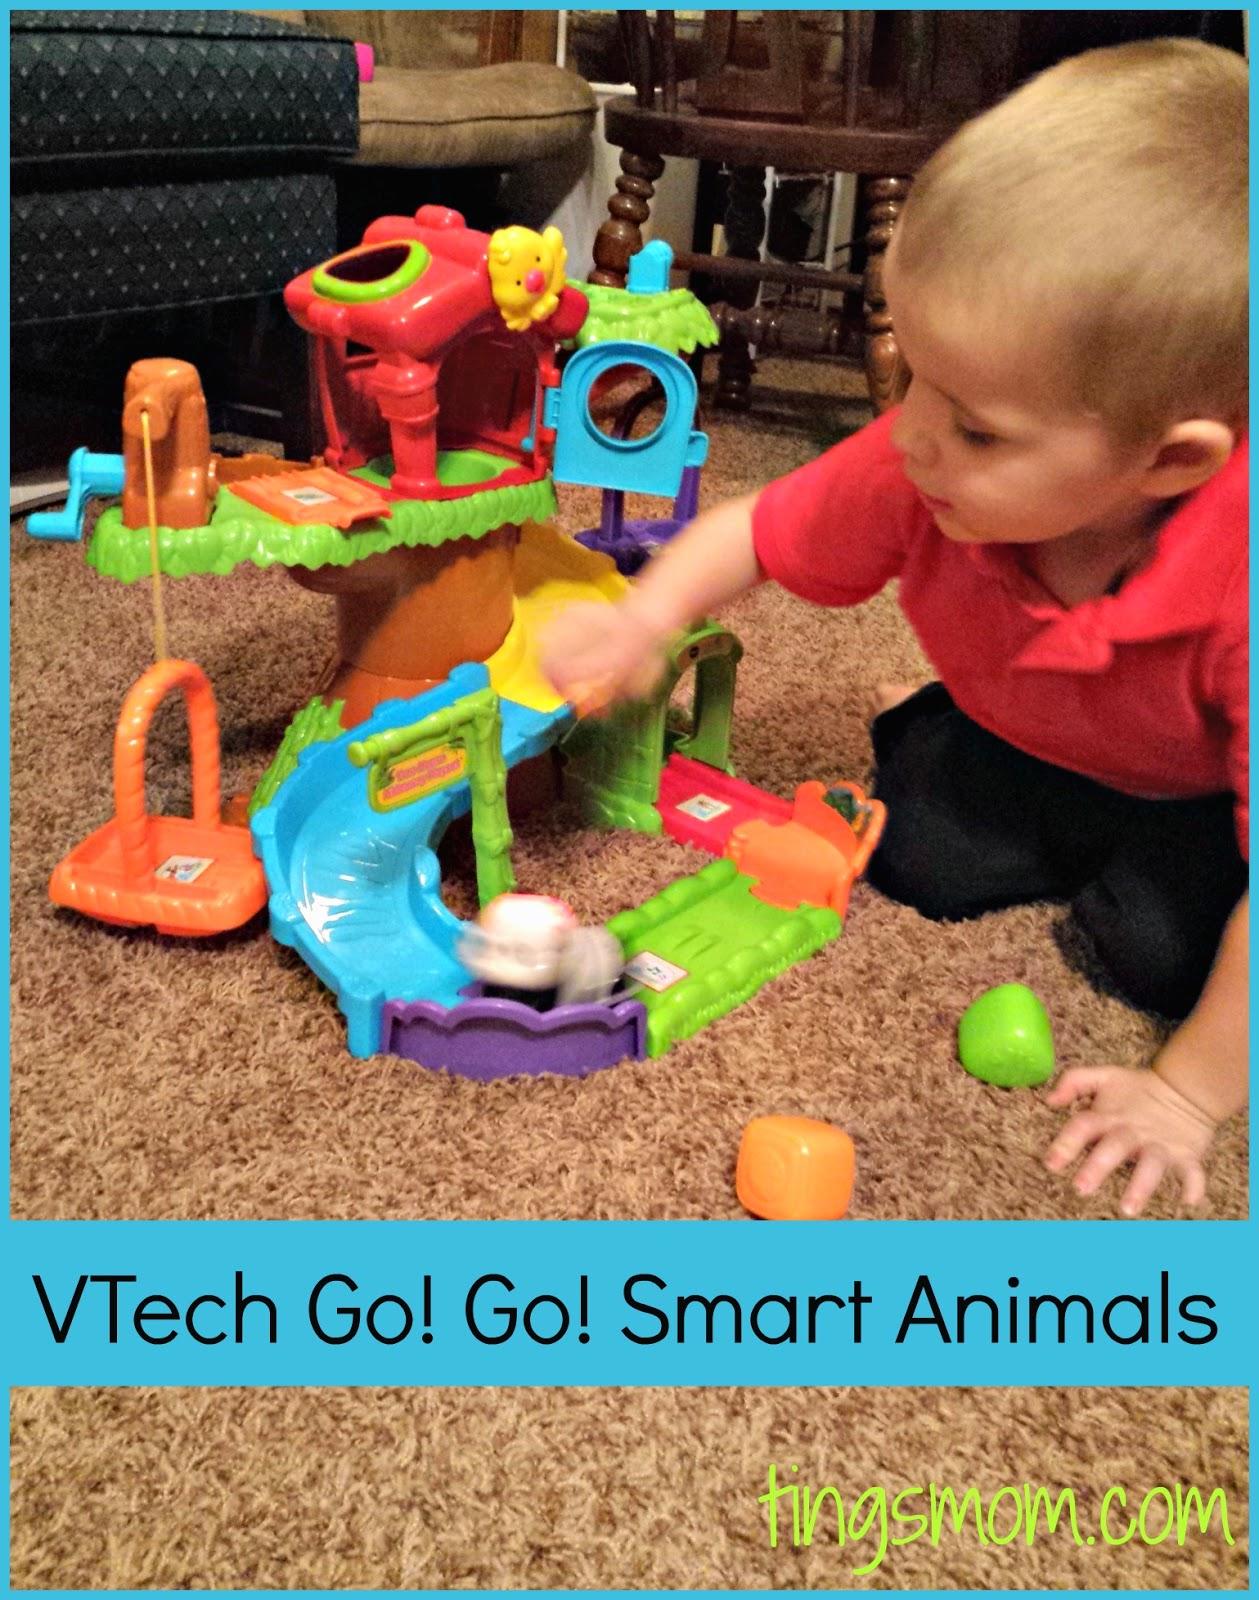 GIVEAWAY ENDS 9-23-14 | Go! Go! Smart Animals | #sponsored #giveaway #vtechtoys